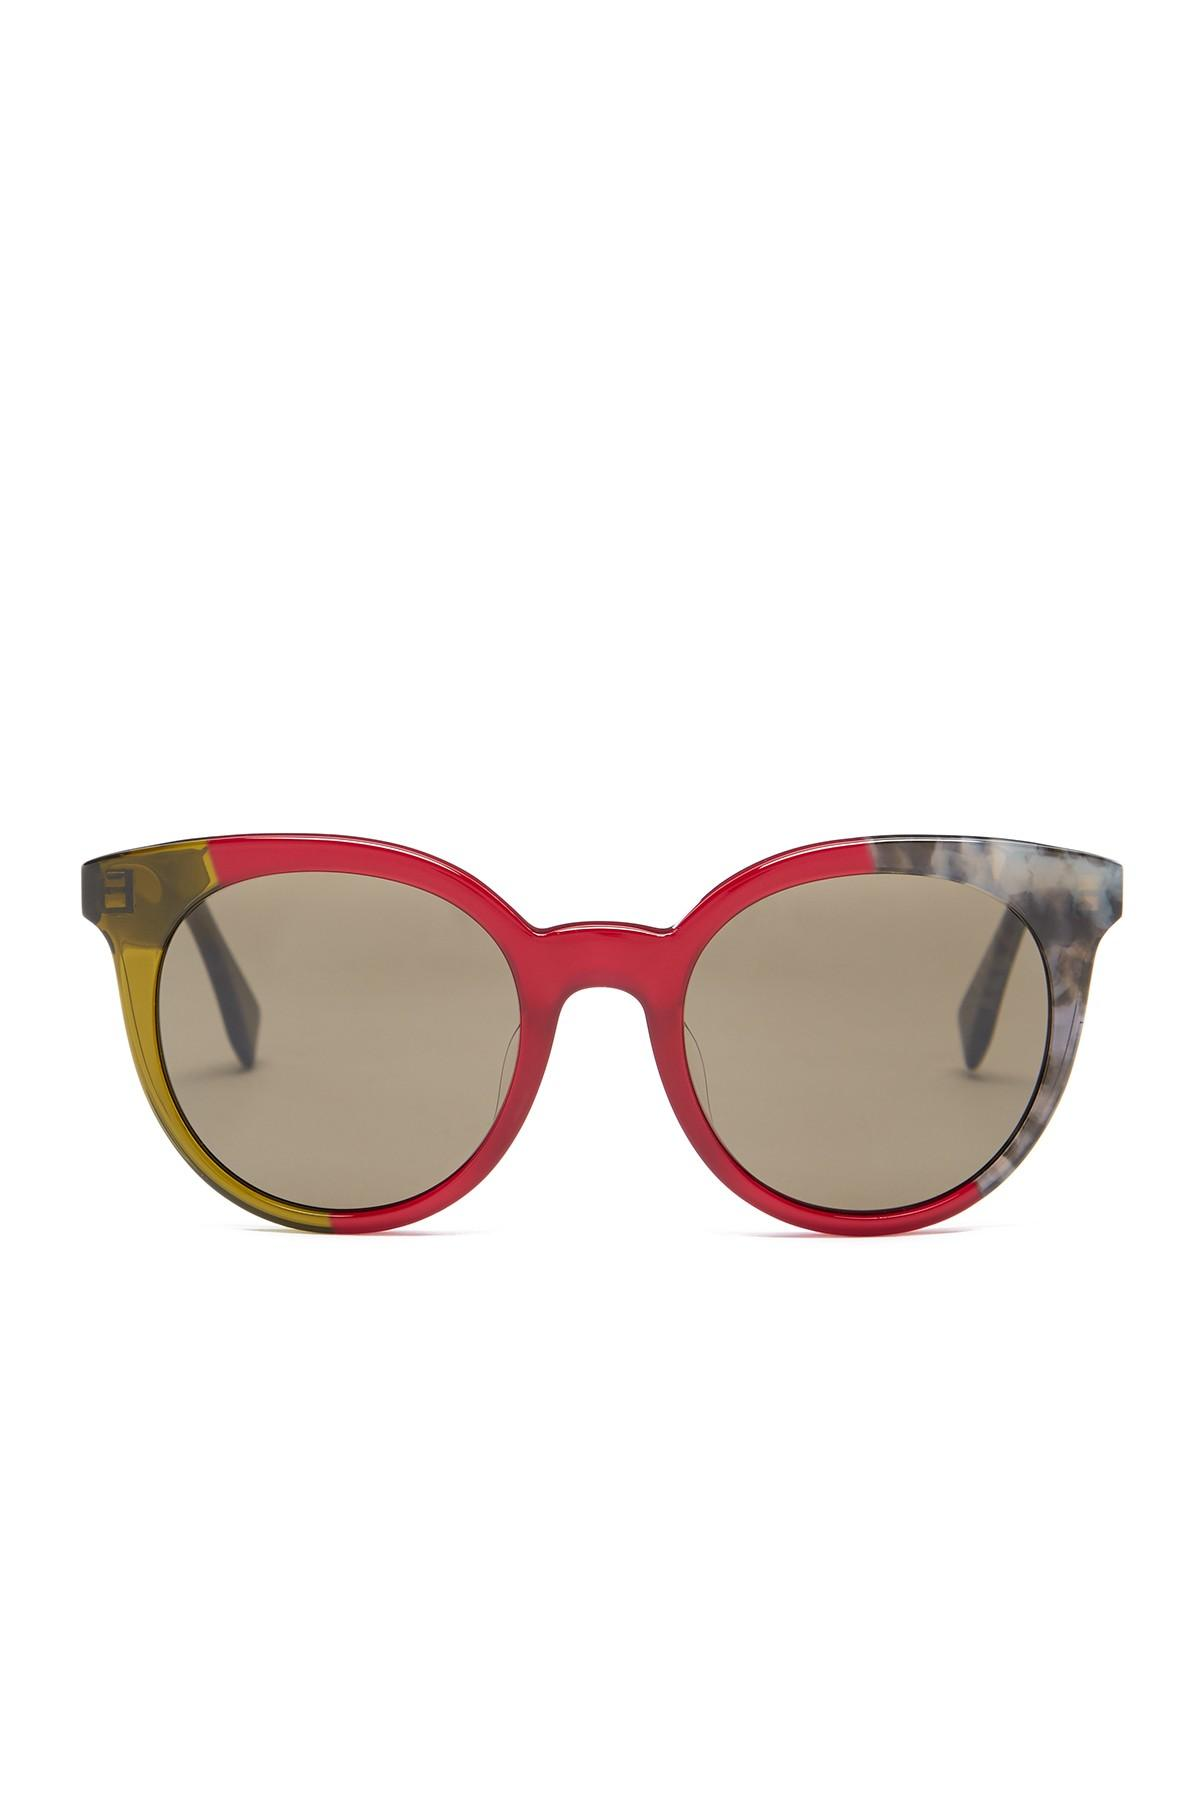 Fendi Women S Round Acetate Sunglasses Lyst